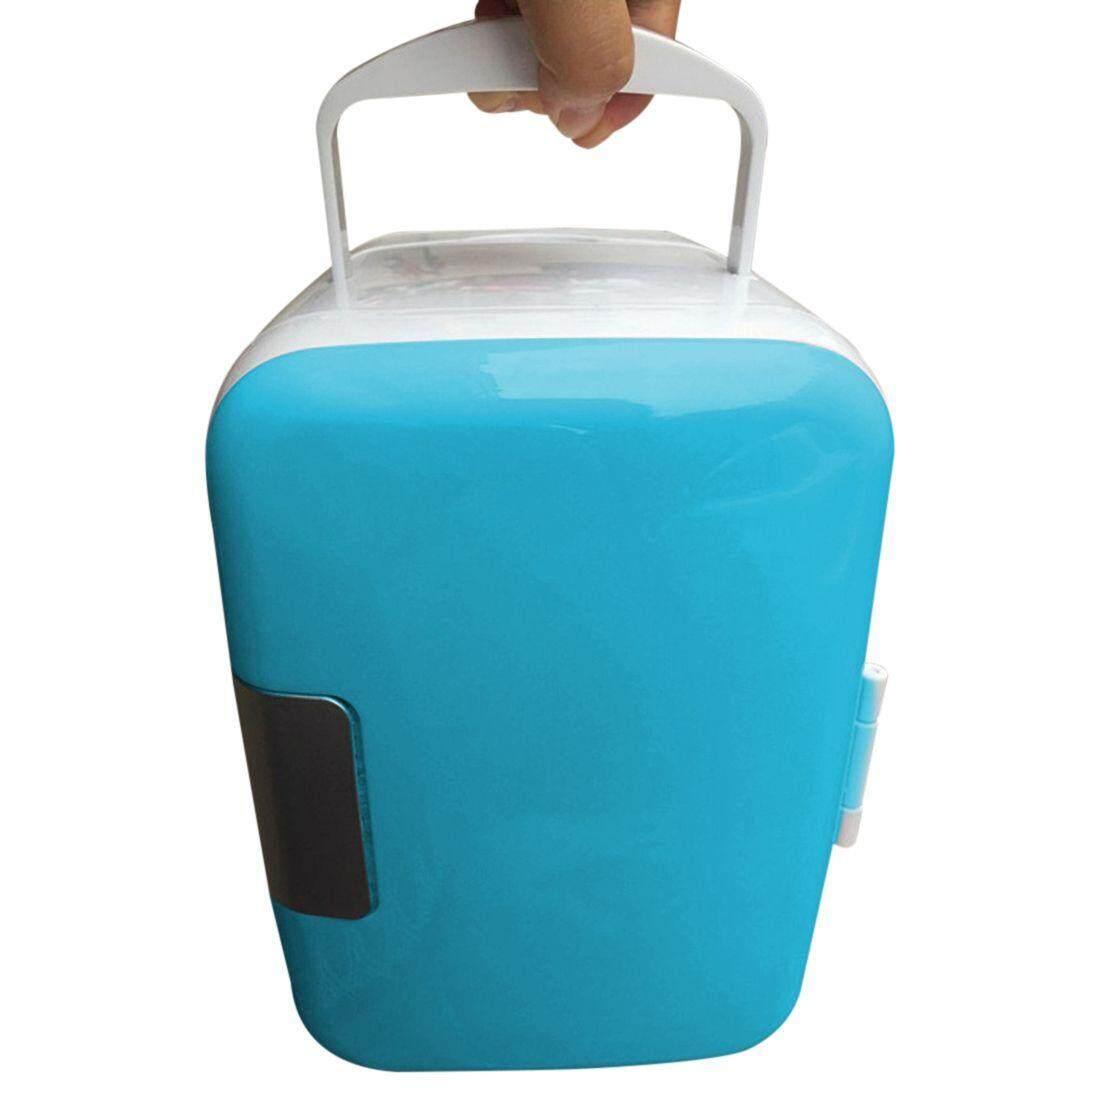 Blue 12v Mini Car Home Dual-Use Refrigerator Incubator 4l Refrigerator Portable Refrigerator Travel Refrigerator Incubator Us Plug By Superbuy888.